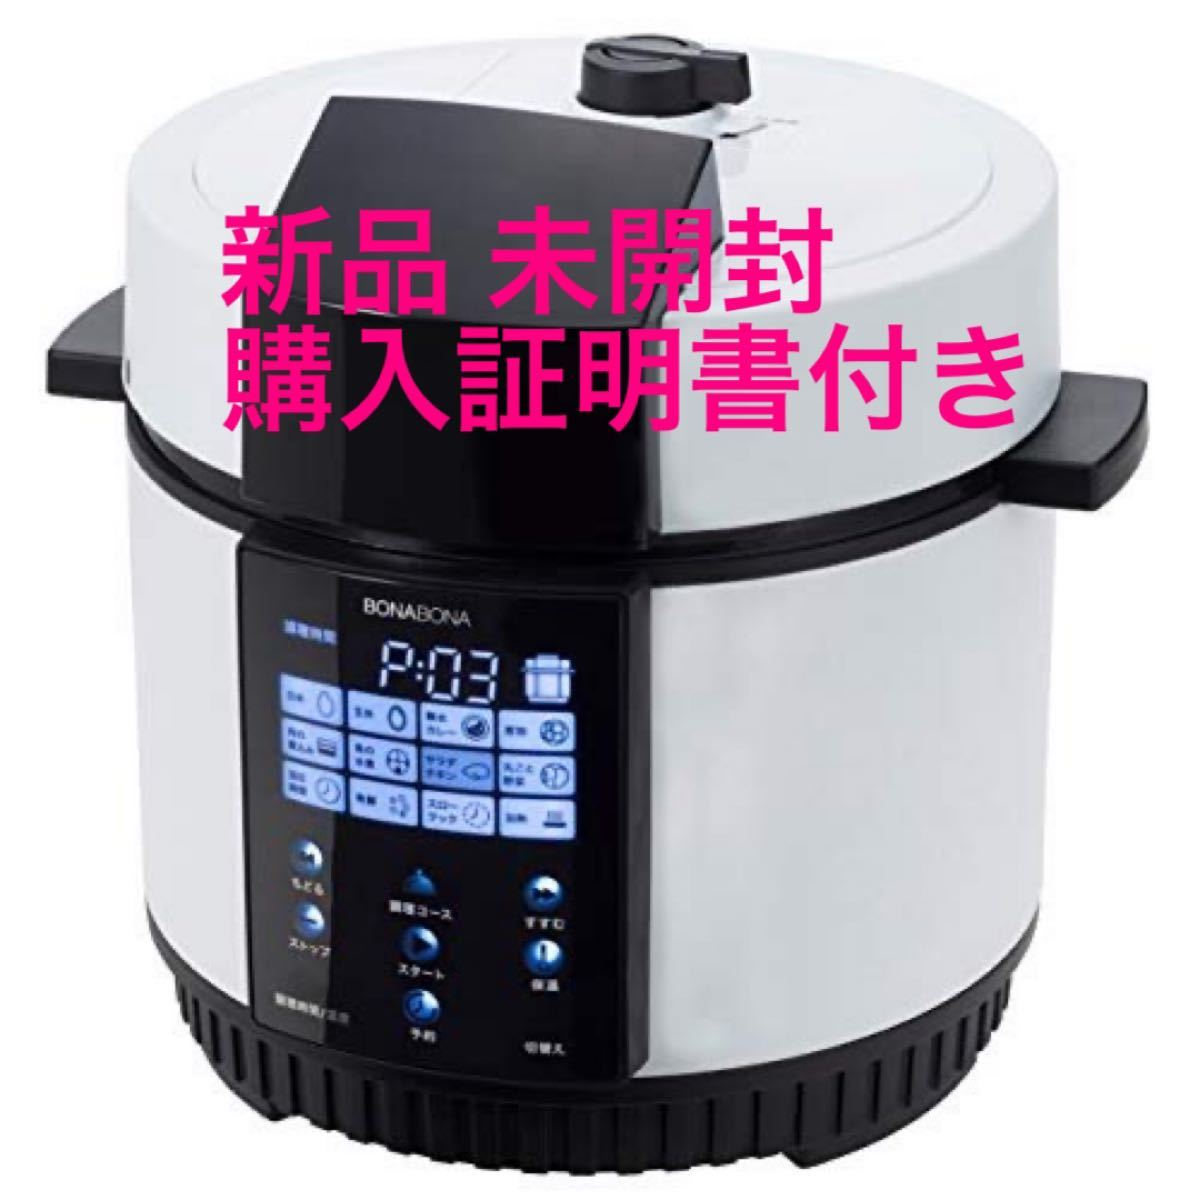 電気圧力鍋(1.8L) ホワイト BD-PC71 CCP